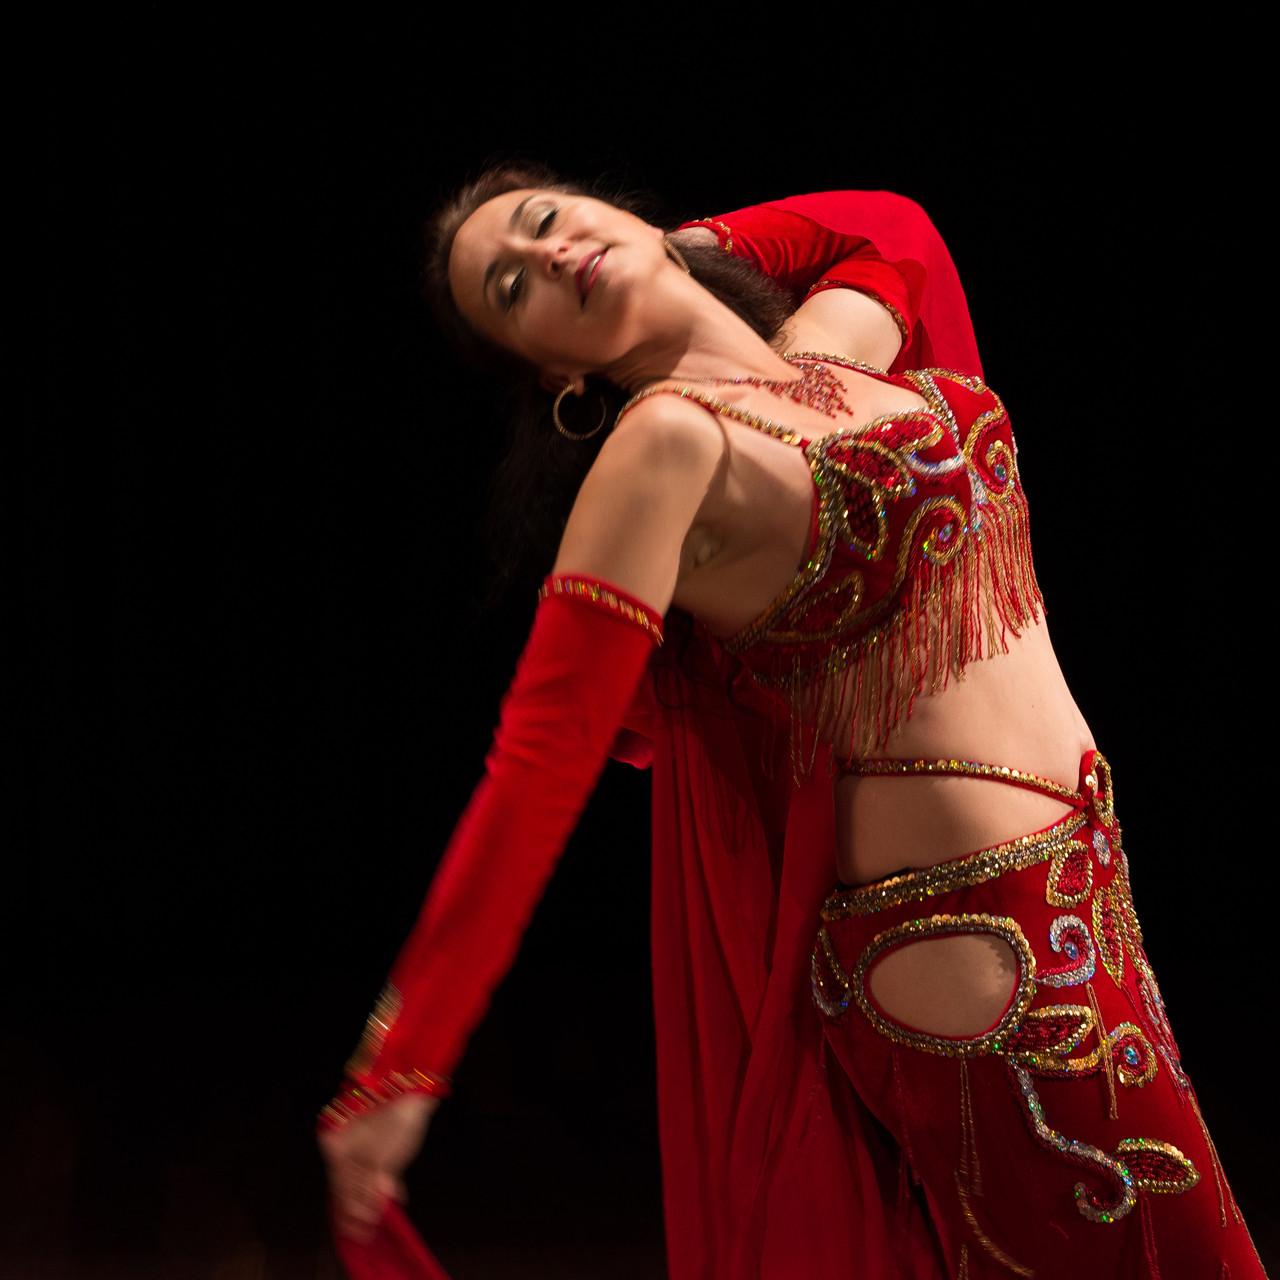 empfangend und offen...Nadja Ghazal, orientalischer Tanz in Bern und Thun